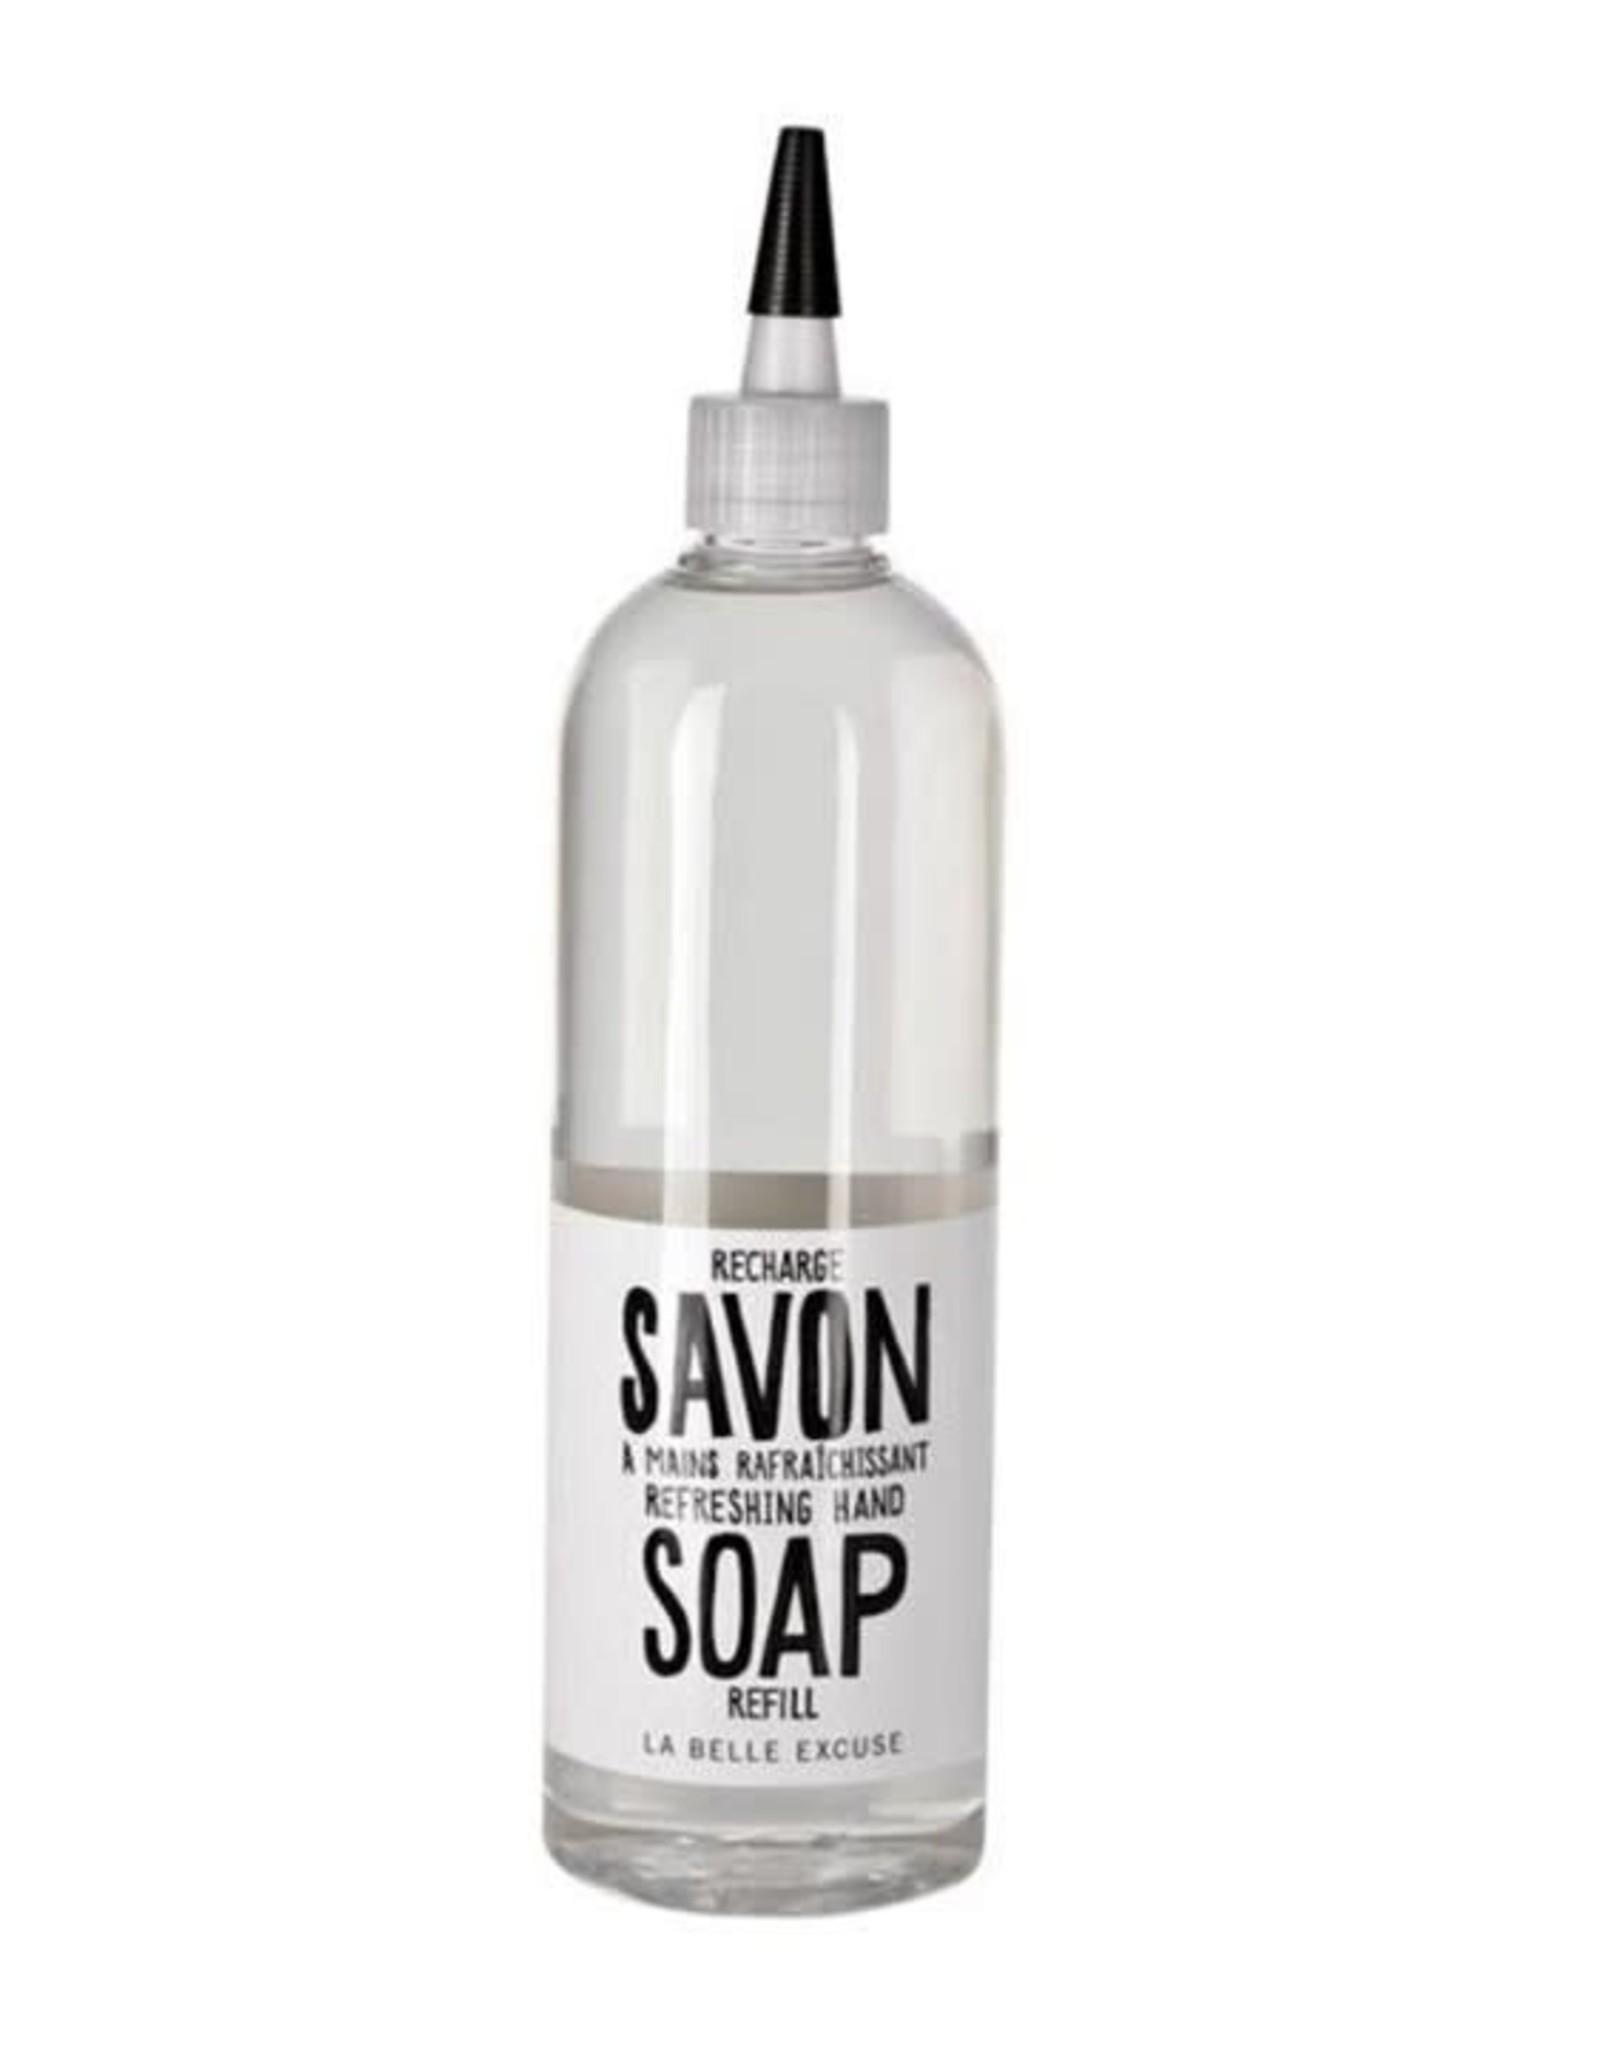 La Belle Excuse Recharge savon à main